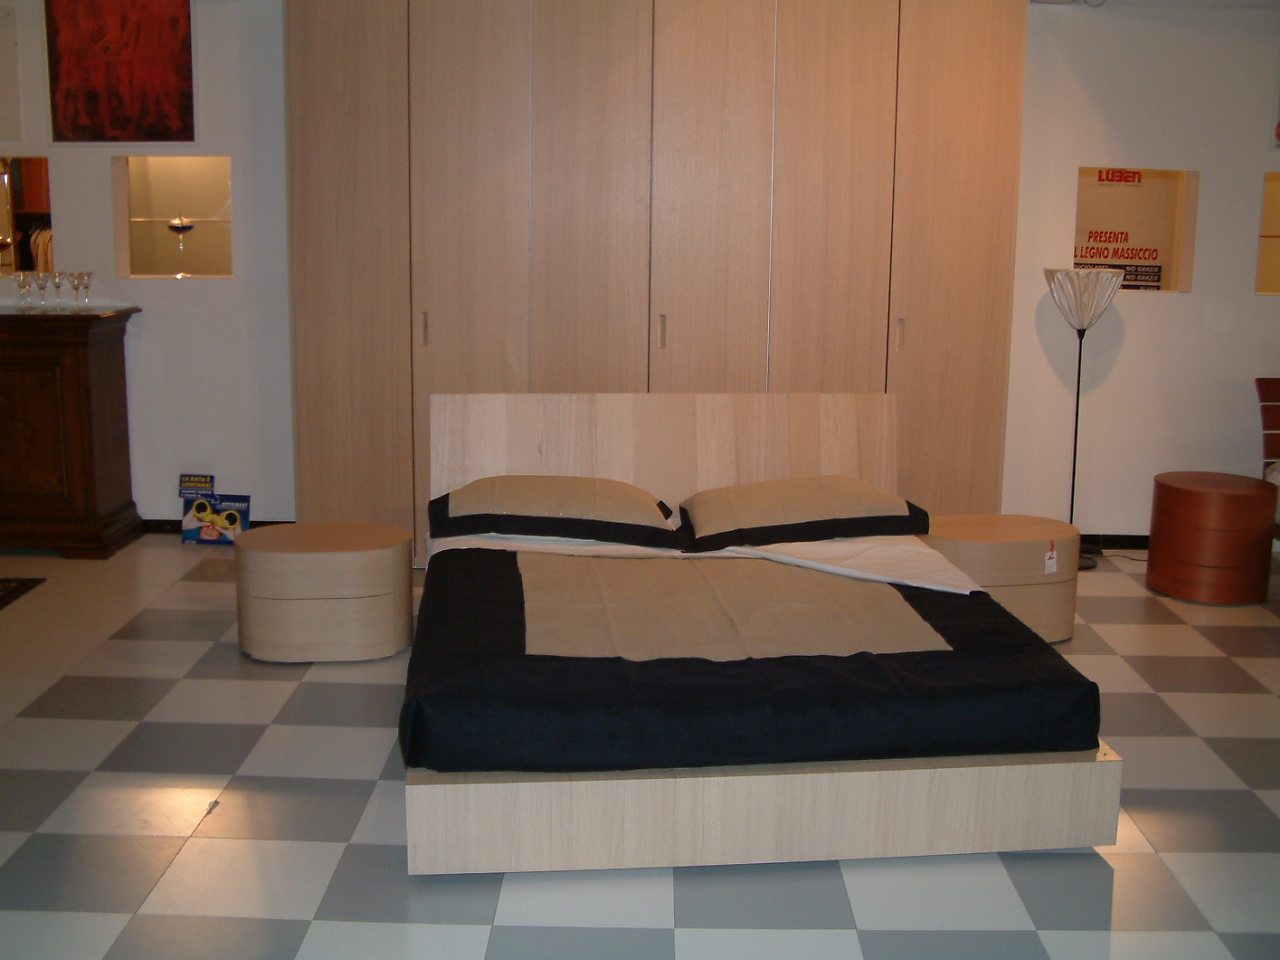 Camere da letto - Camera da letto rovere sbiancato ...